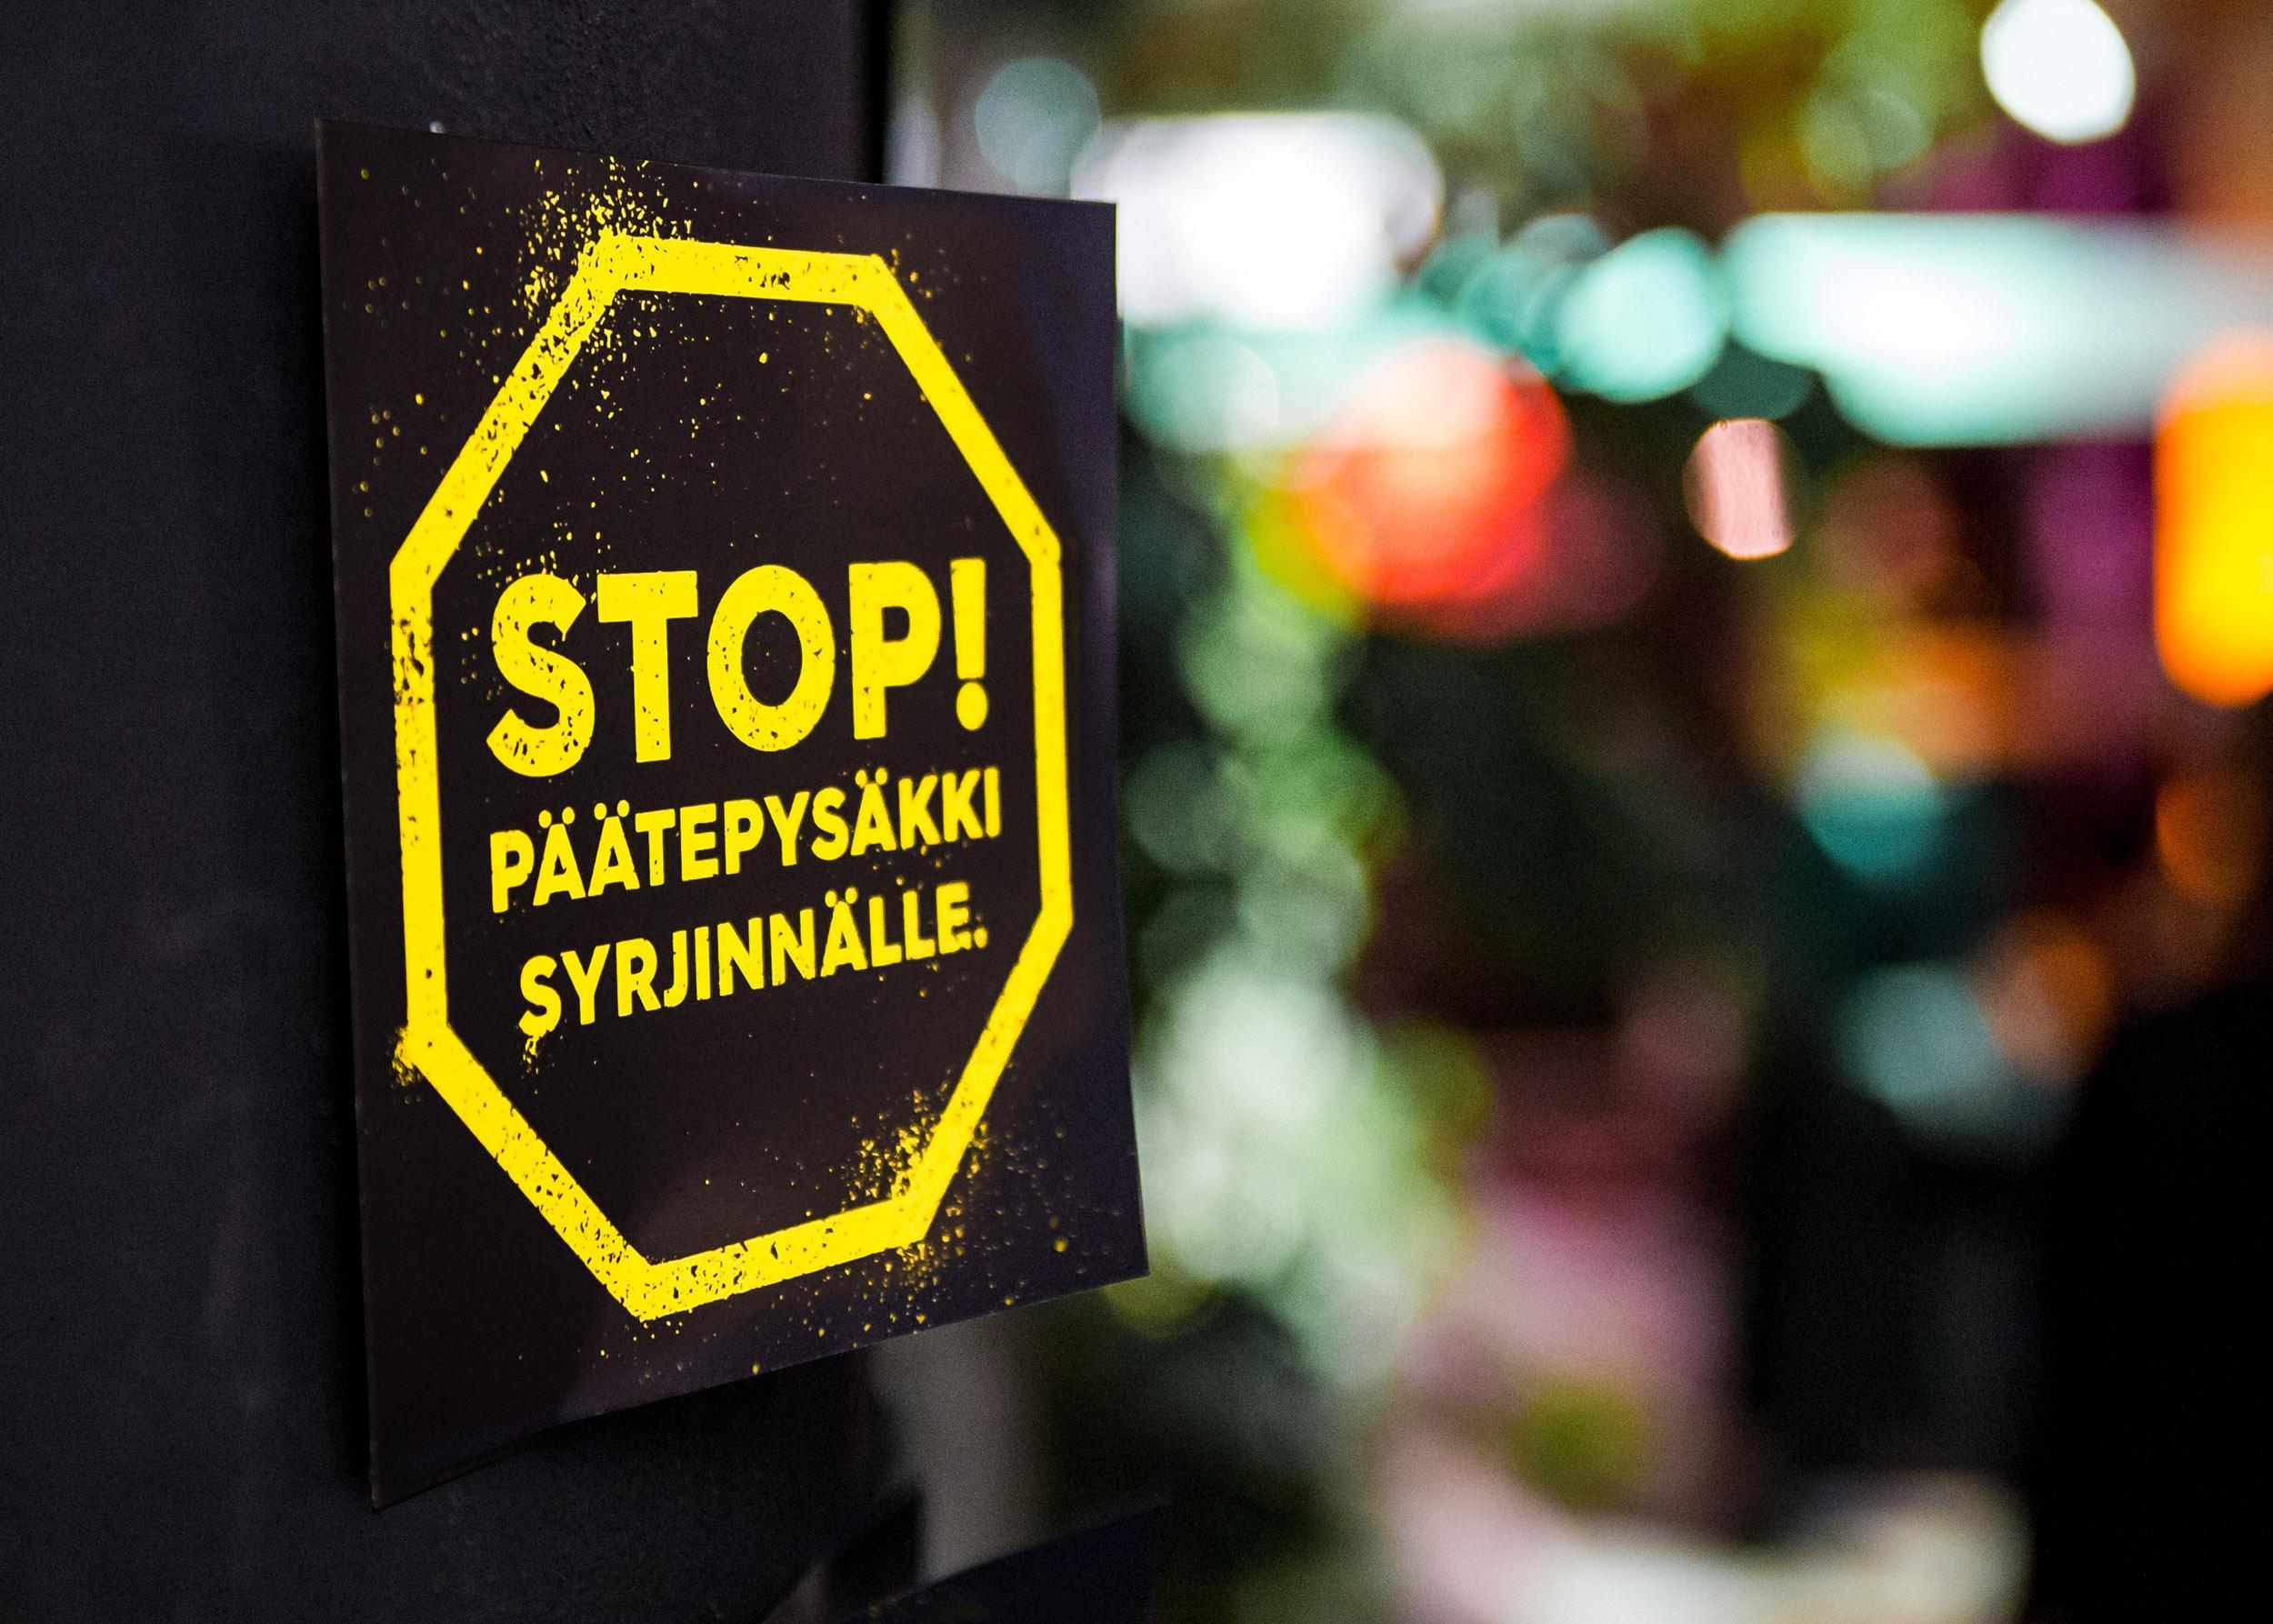 STOP! Päätepysäkki syrjinnälle -kampanjan logo